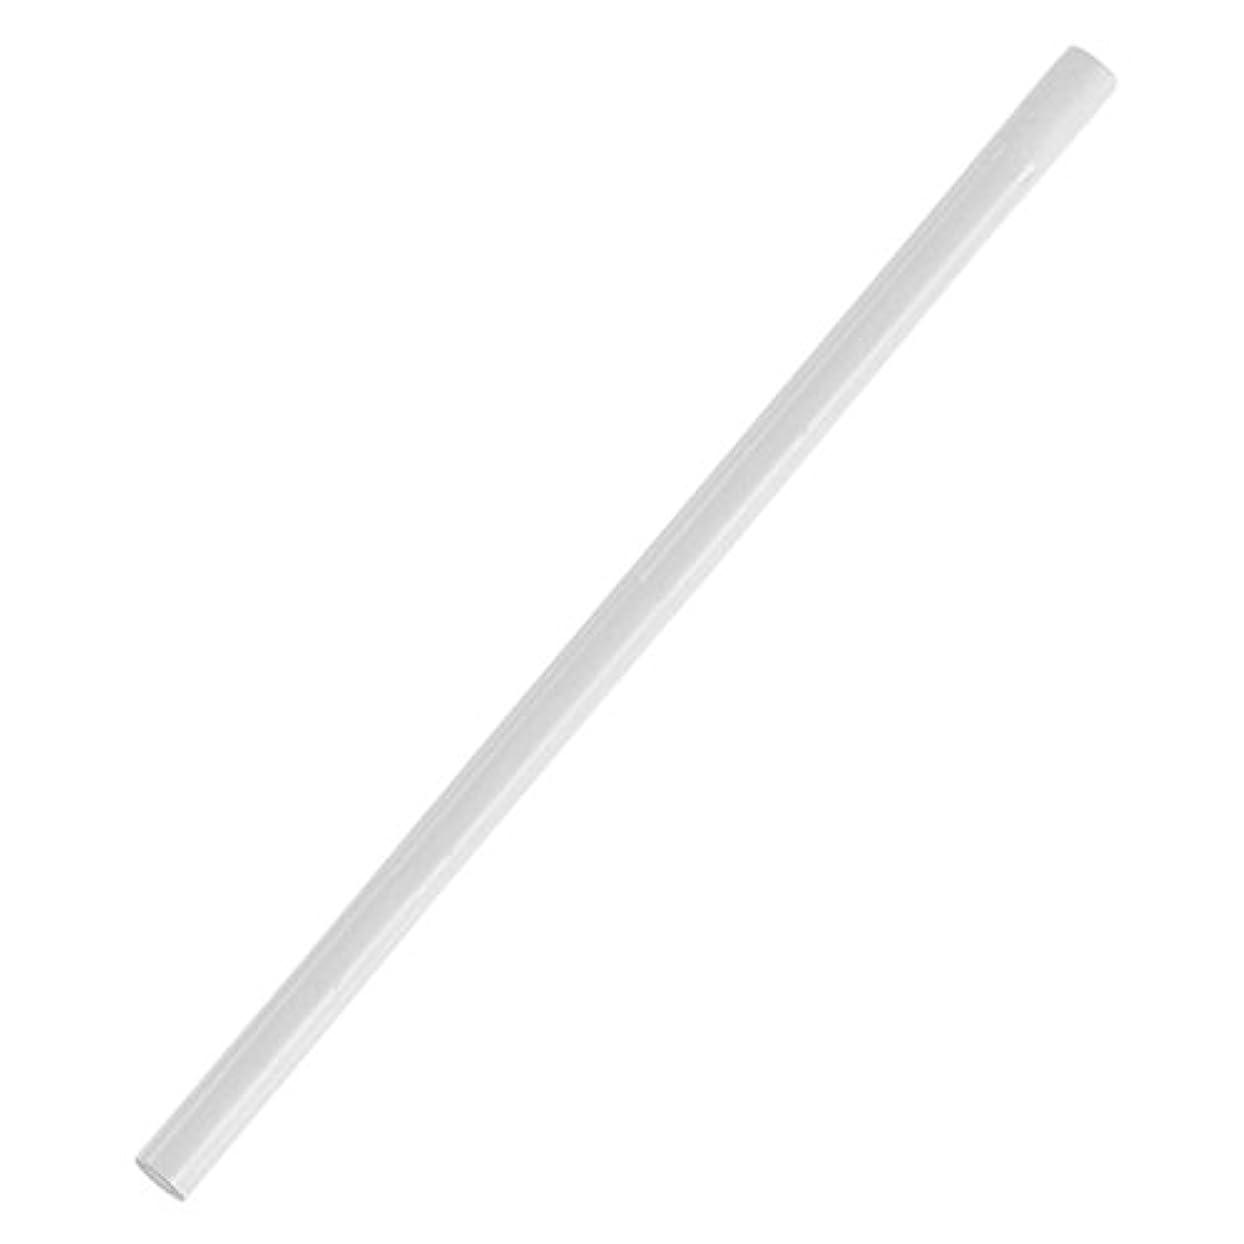 支配的利益魅惑するVaorwne 10x白いドット打ち鉛筆 ネイルアートラインストーン宝石3Dデザインのため 画家デコレーション ピッキングツール